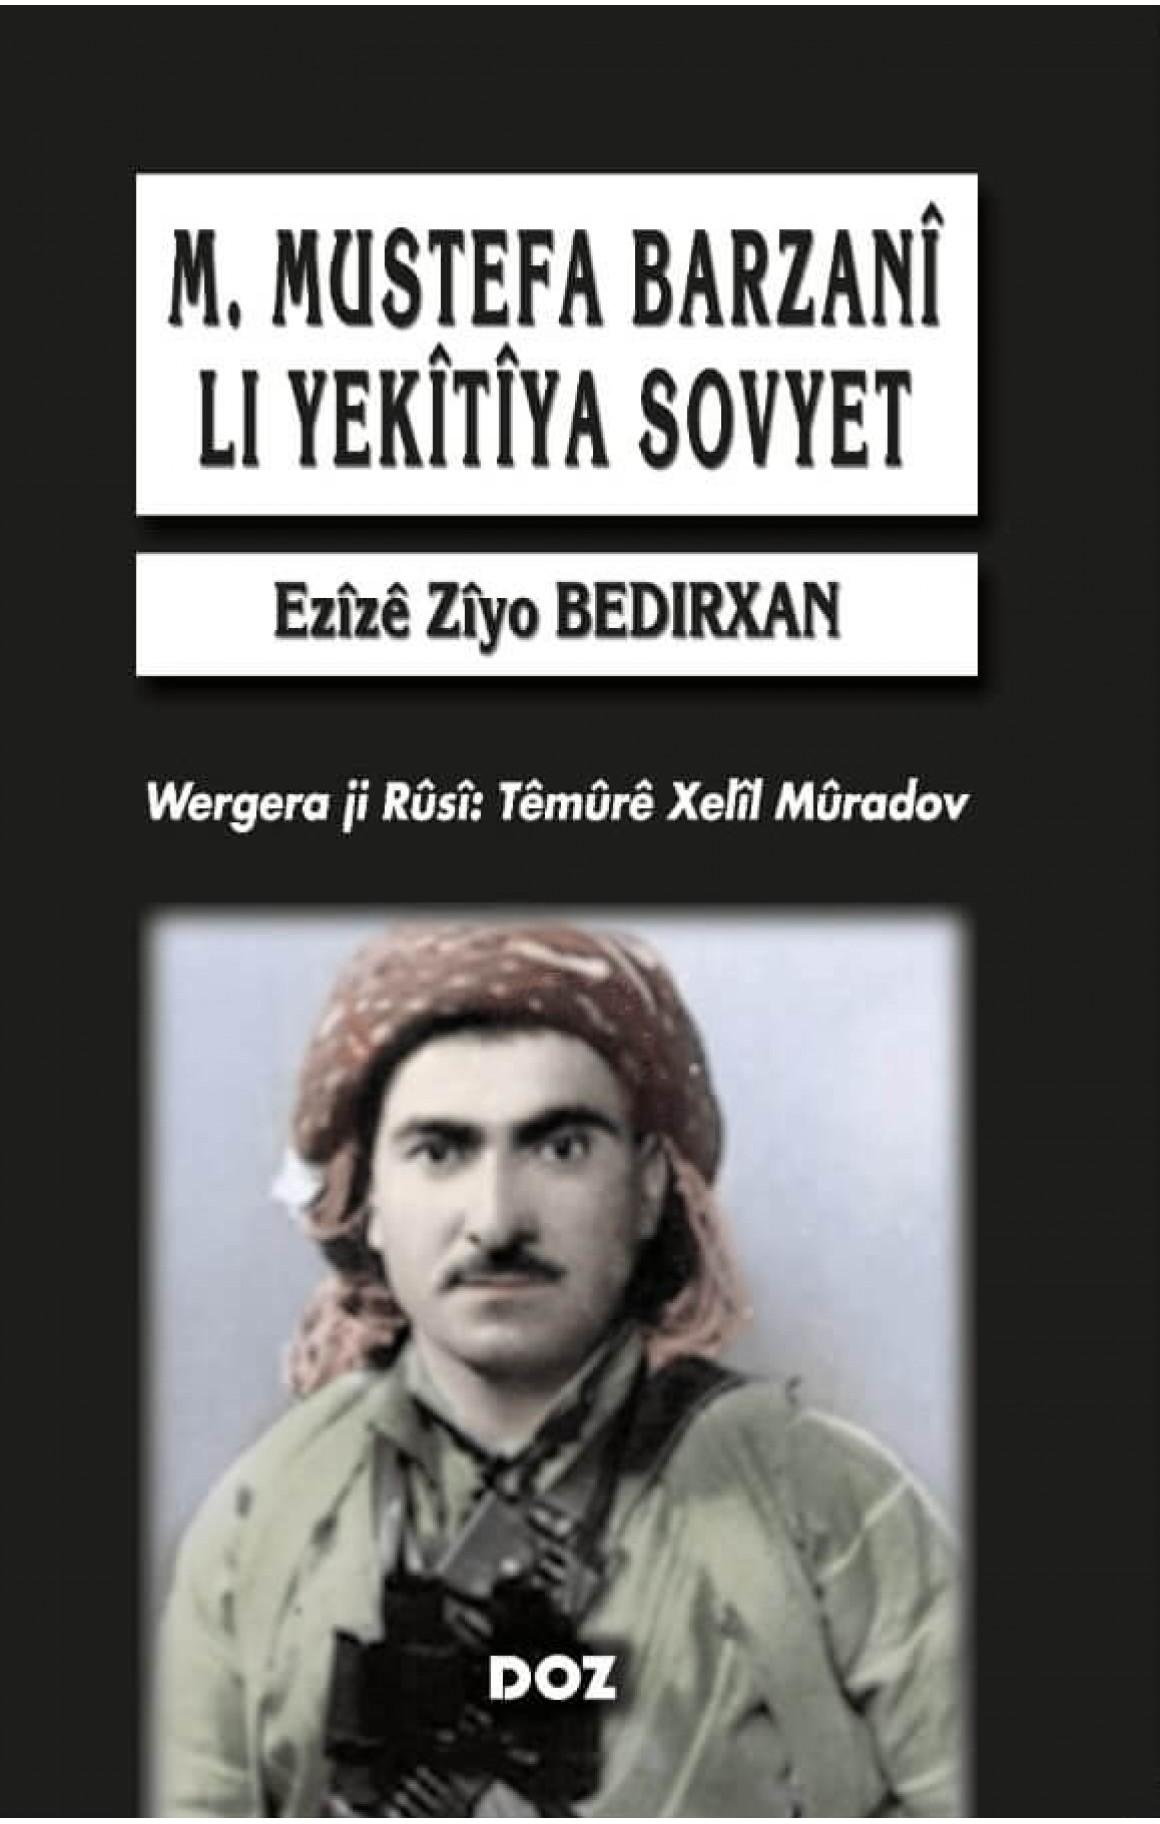 Mustefa Barzanî li Yekîtîya Sovyet